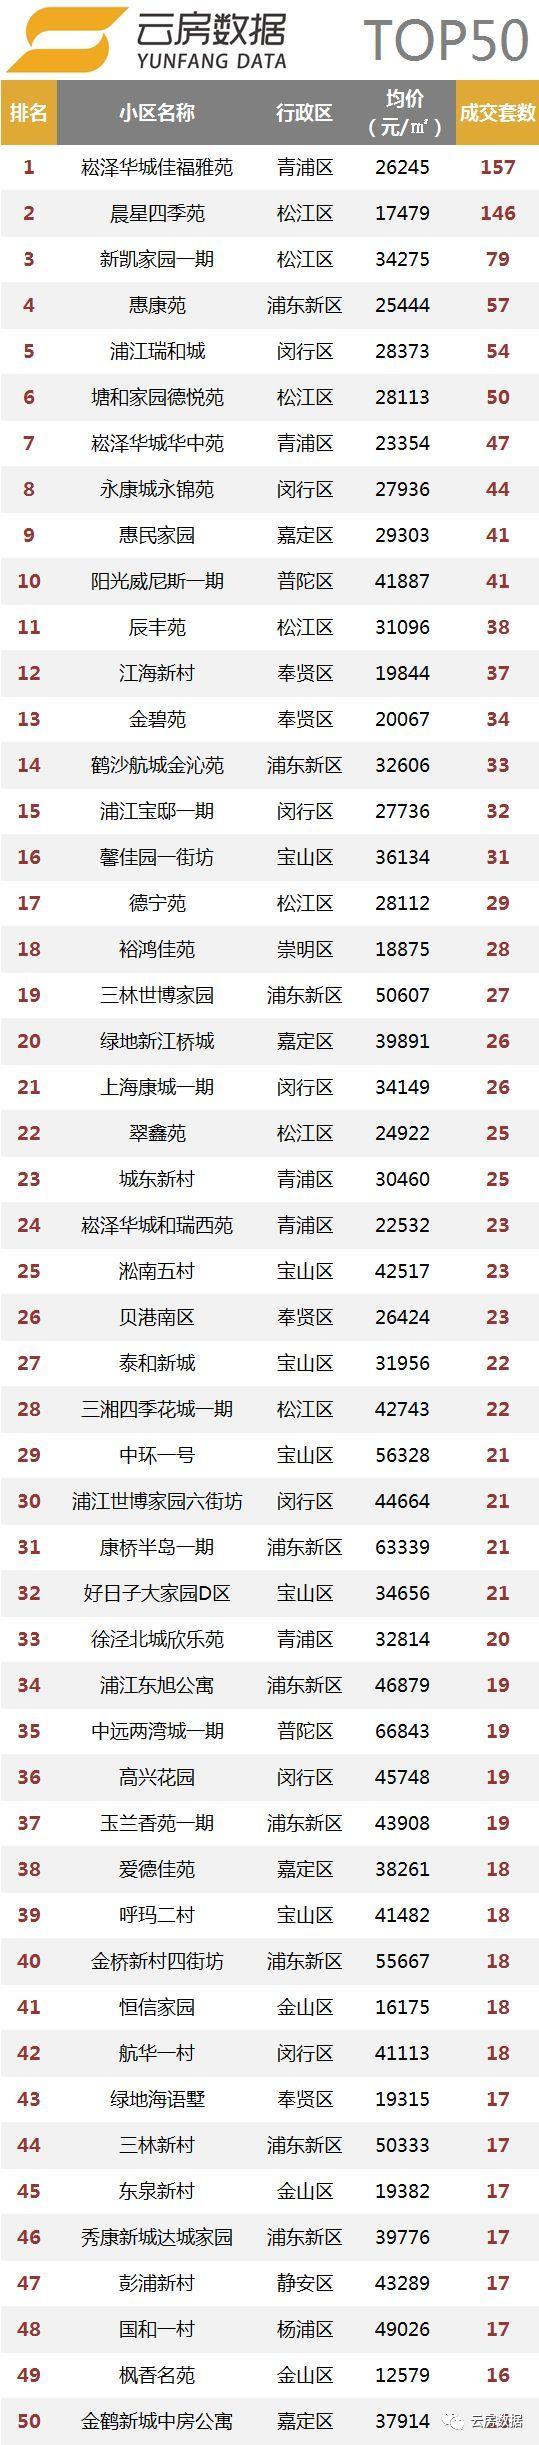 9月,上海二手房量价稳定,个别行政区热度不减